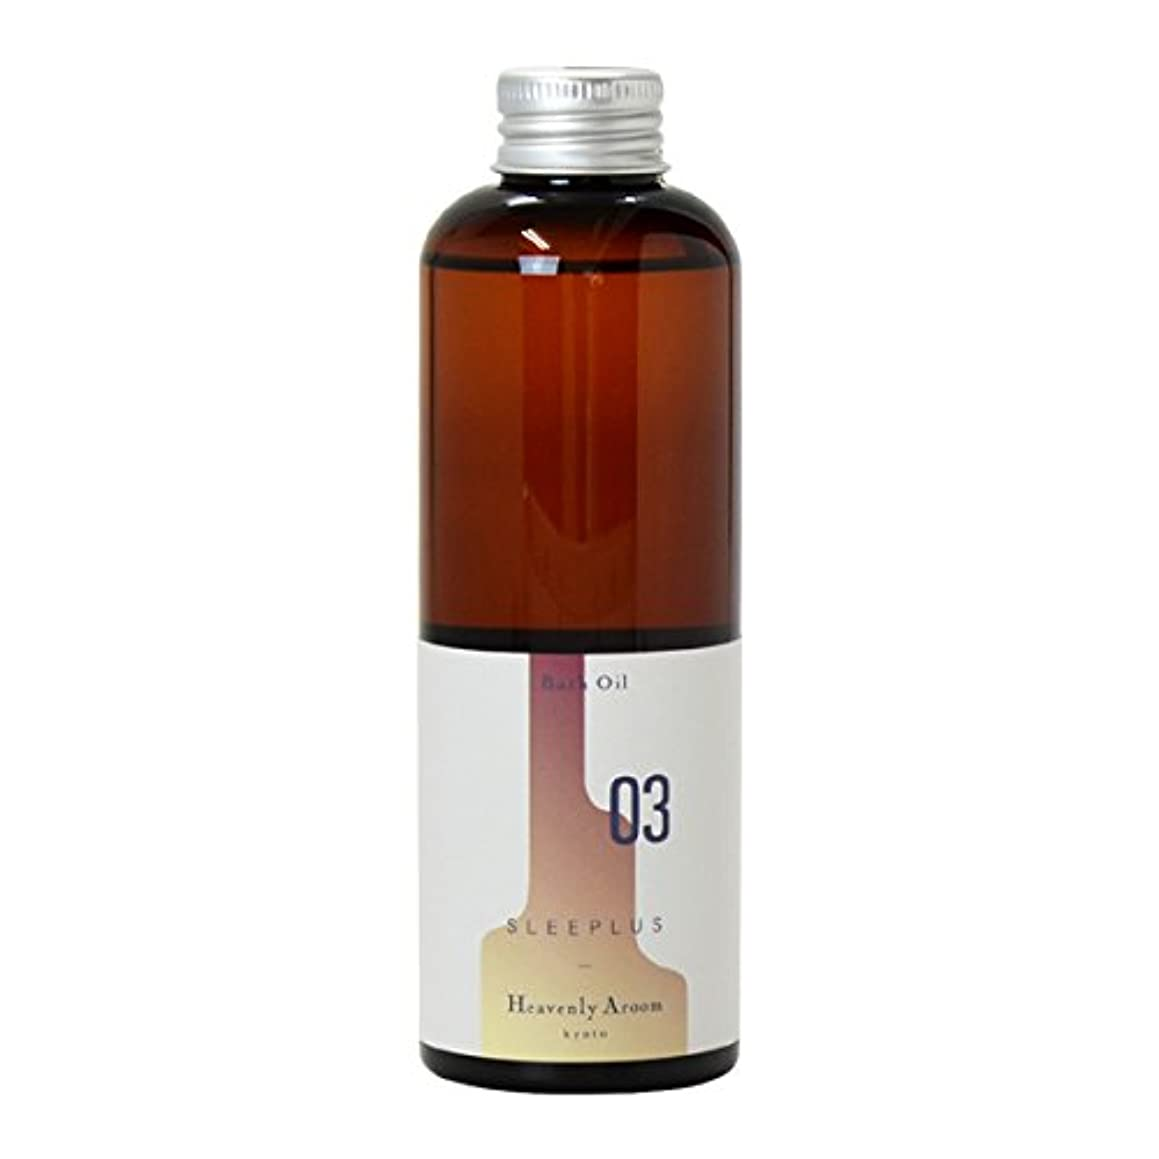 施し忌避剤酸Heavenly Aroom バスオイル SLEEPLUS 03 ラベンダーサンダルウッド 200ml